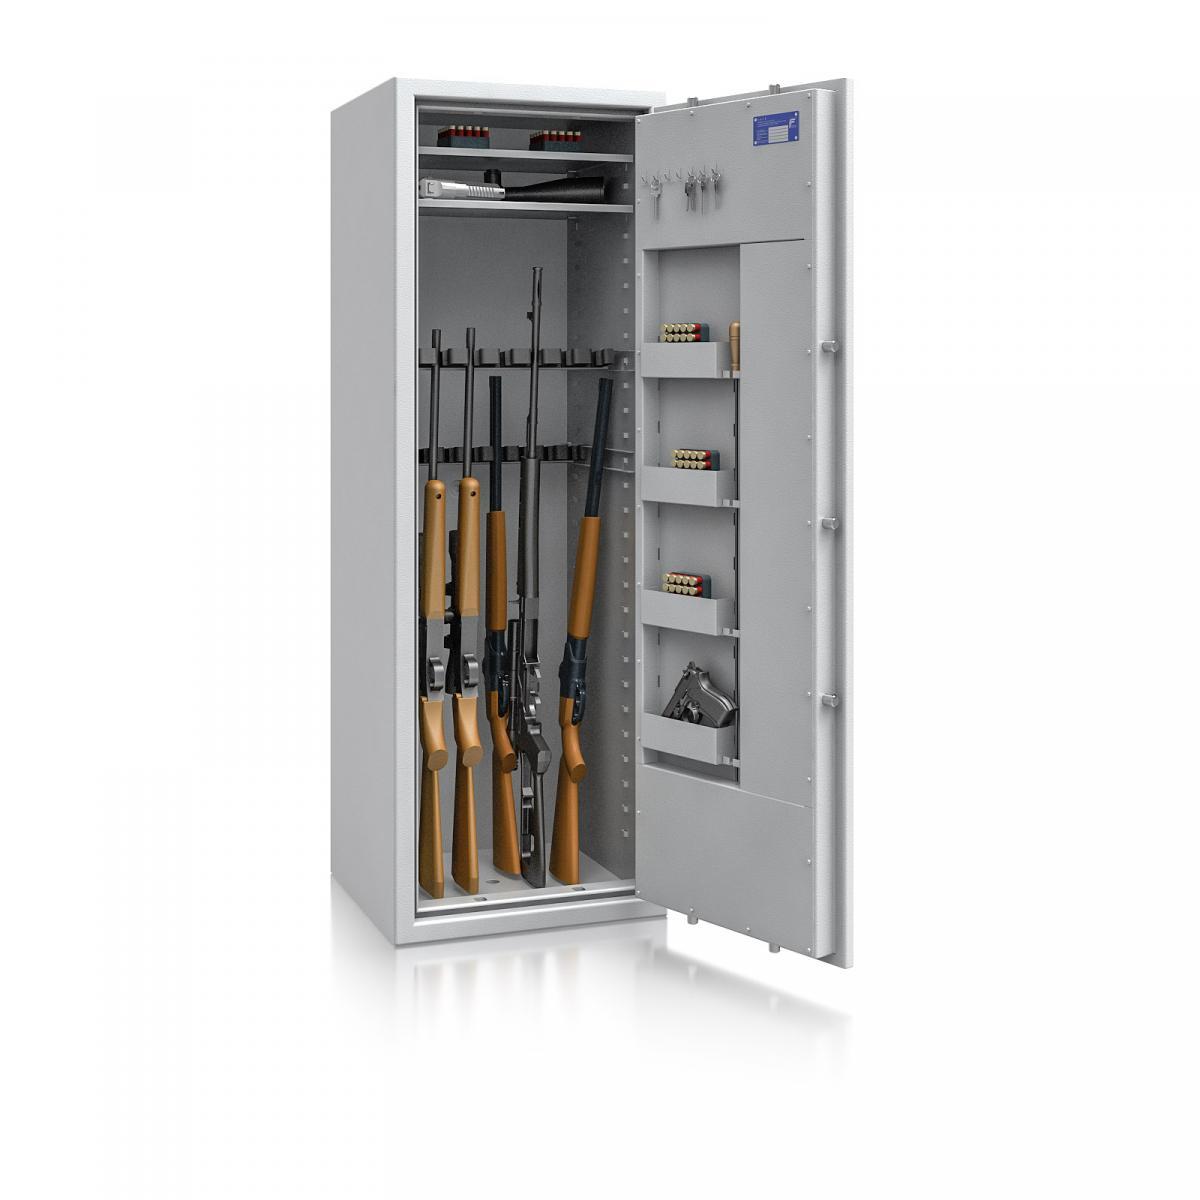 Waffenschrank St. Gallen WF MAX 2 - 1600x550x500 / 212kg 56467 / Klasse I / RAL7035 / Schlüssel / DIN R